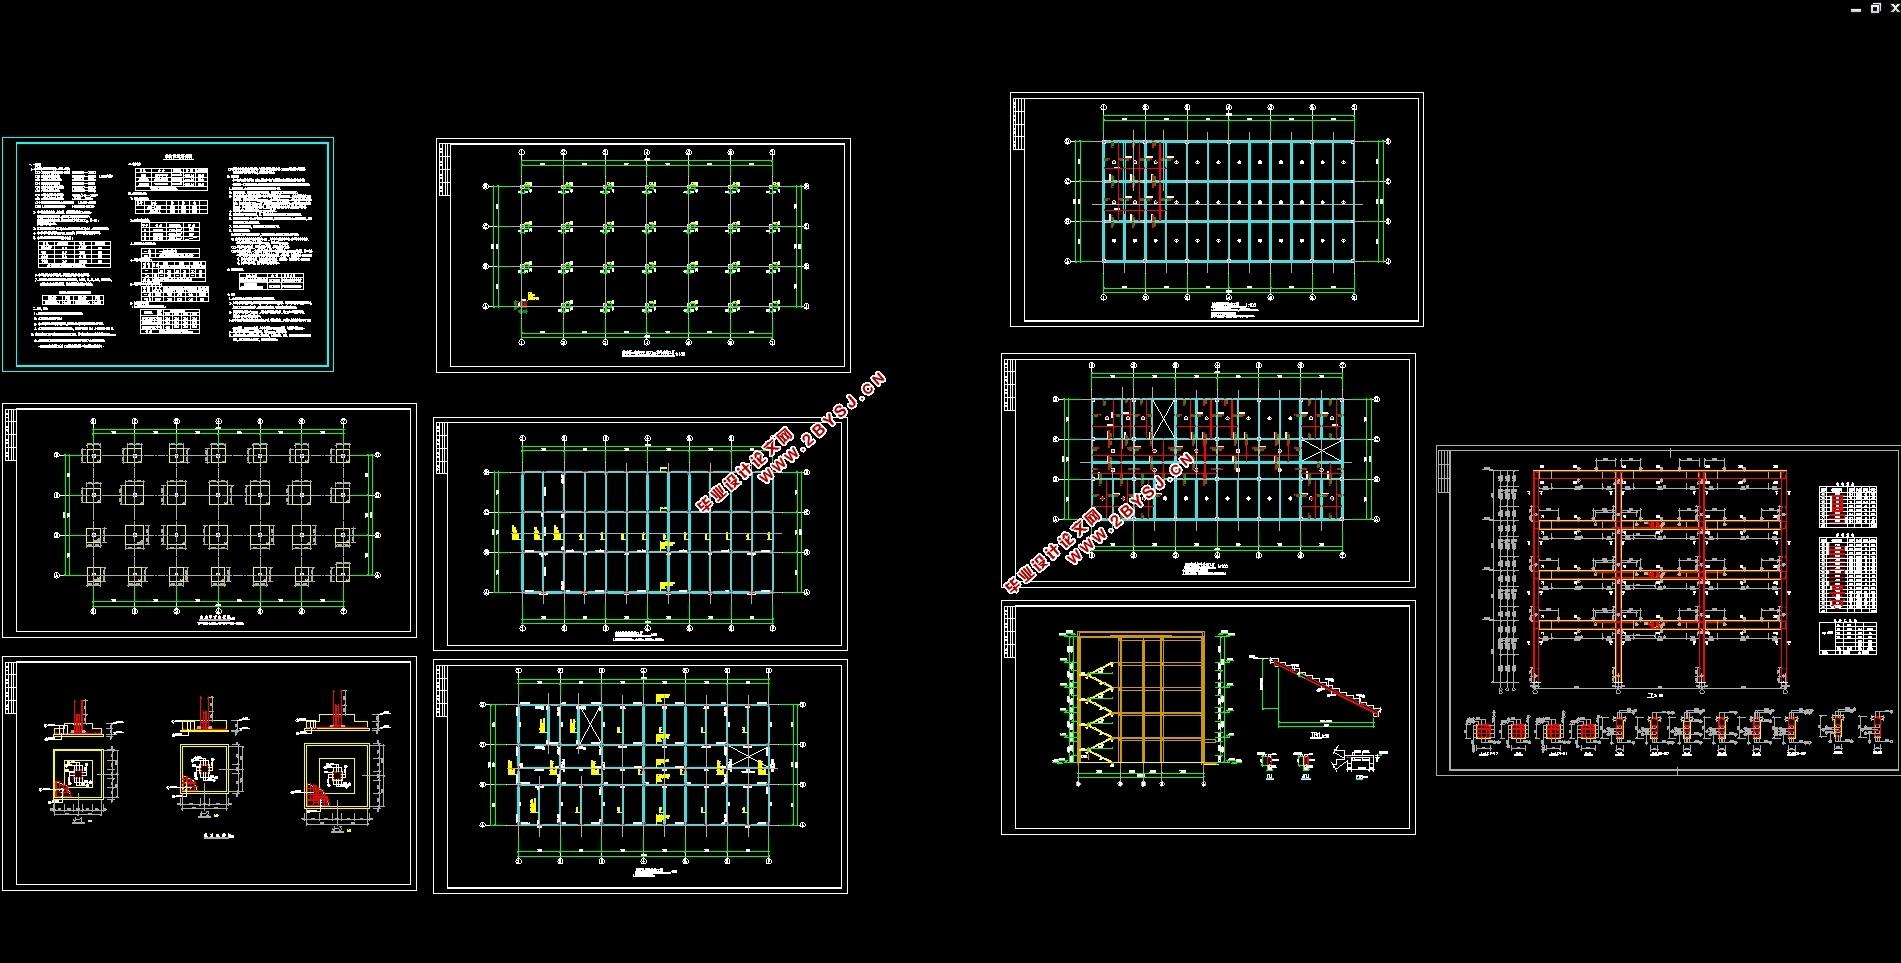 图10张,结构图9张) 本工程是同心县多功能图书馆设计,为混凝土框架体系。毕业设计过程中主要是对建筑设计和结构设计两部分进行的。对于结构设计又分为手算及电算两部分,其中建筑部分主要是对建筑功能进行分区,进一步确定建筑物的平面、立面以及剖面。而在结构设计部分,主要是进行梁柱的截面设计和整个建筑物的抗震设计。手算部分的具体内容是对选定的一榀横向框架进行框架的结构梁柱进行设计,即在确定计算简图的基础上,通过对水平荷载和竖向荷载的统计计算组合出梁柱的最不利内力组合,并以此为设计依据来确定梁柱的截面尺寸和所需钢筋的